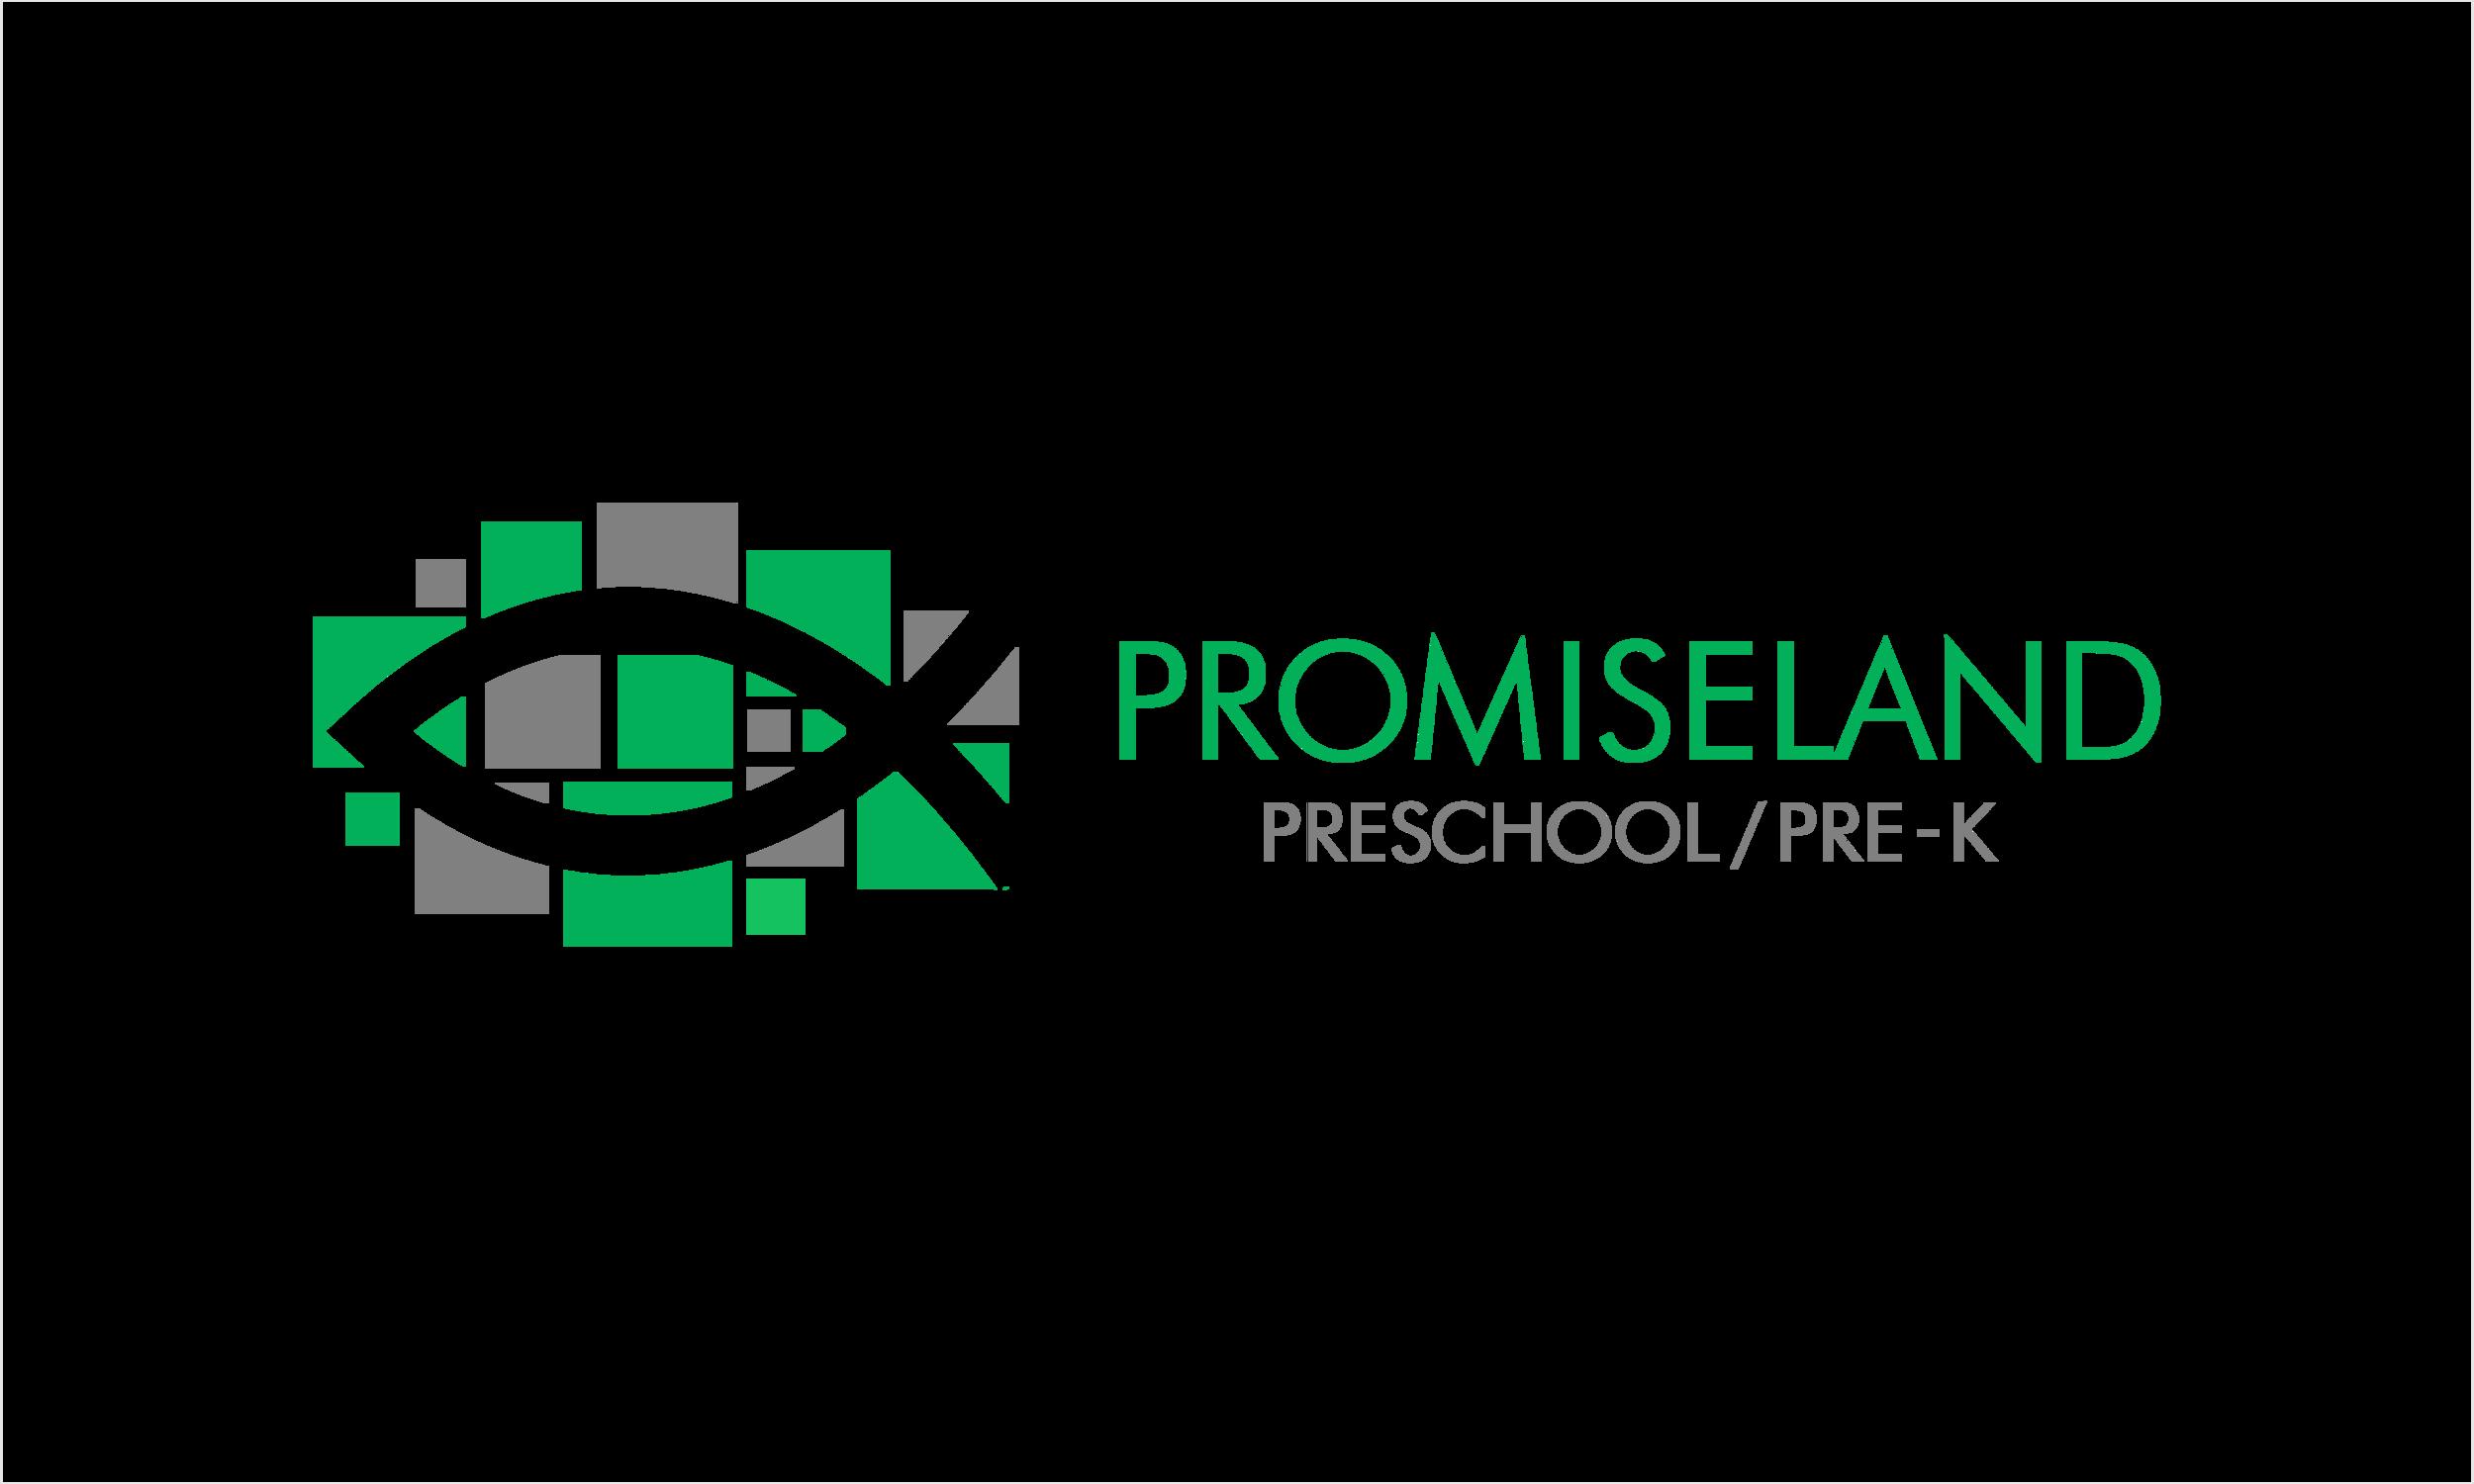 PromiseLand Preschool Pre K Final PNG.png